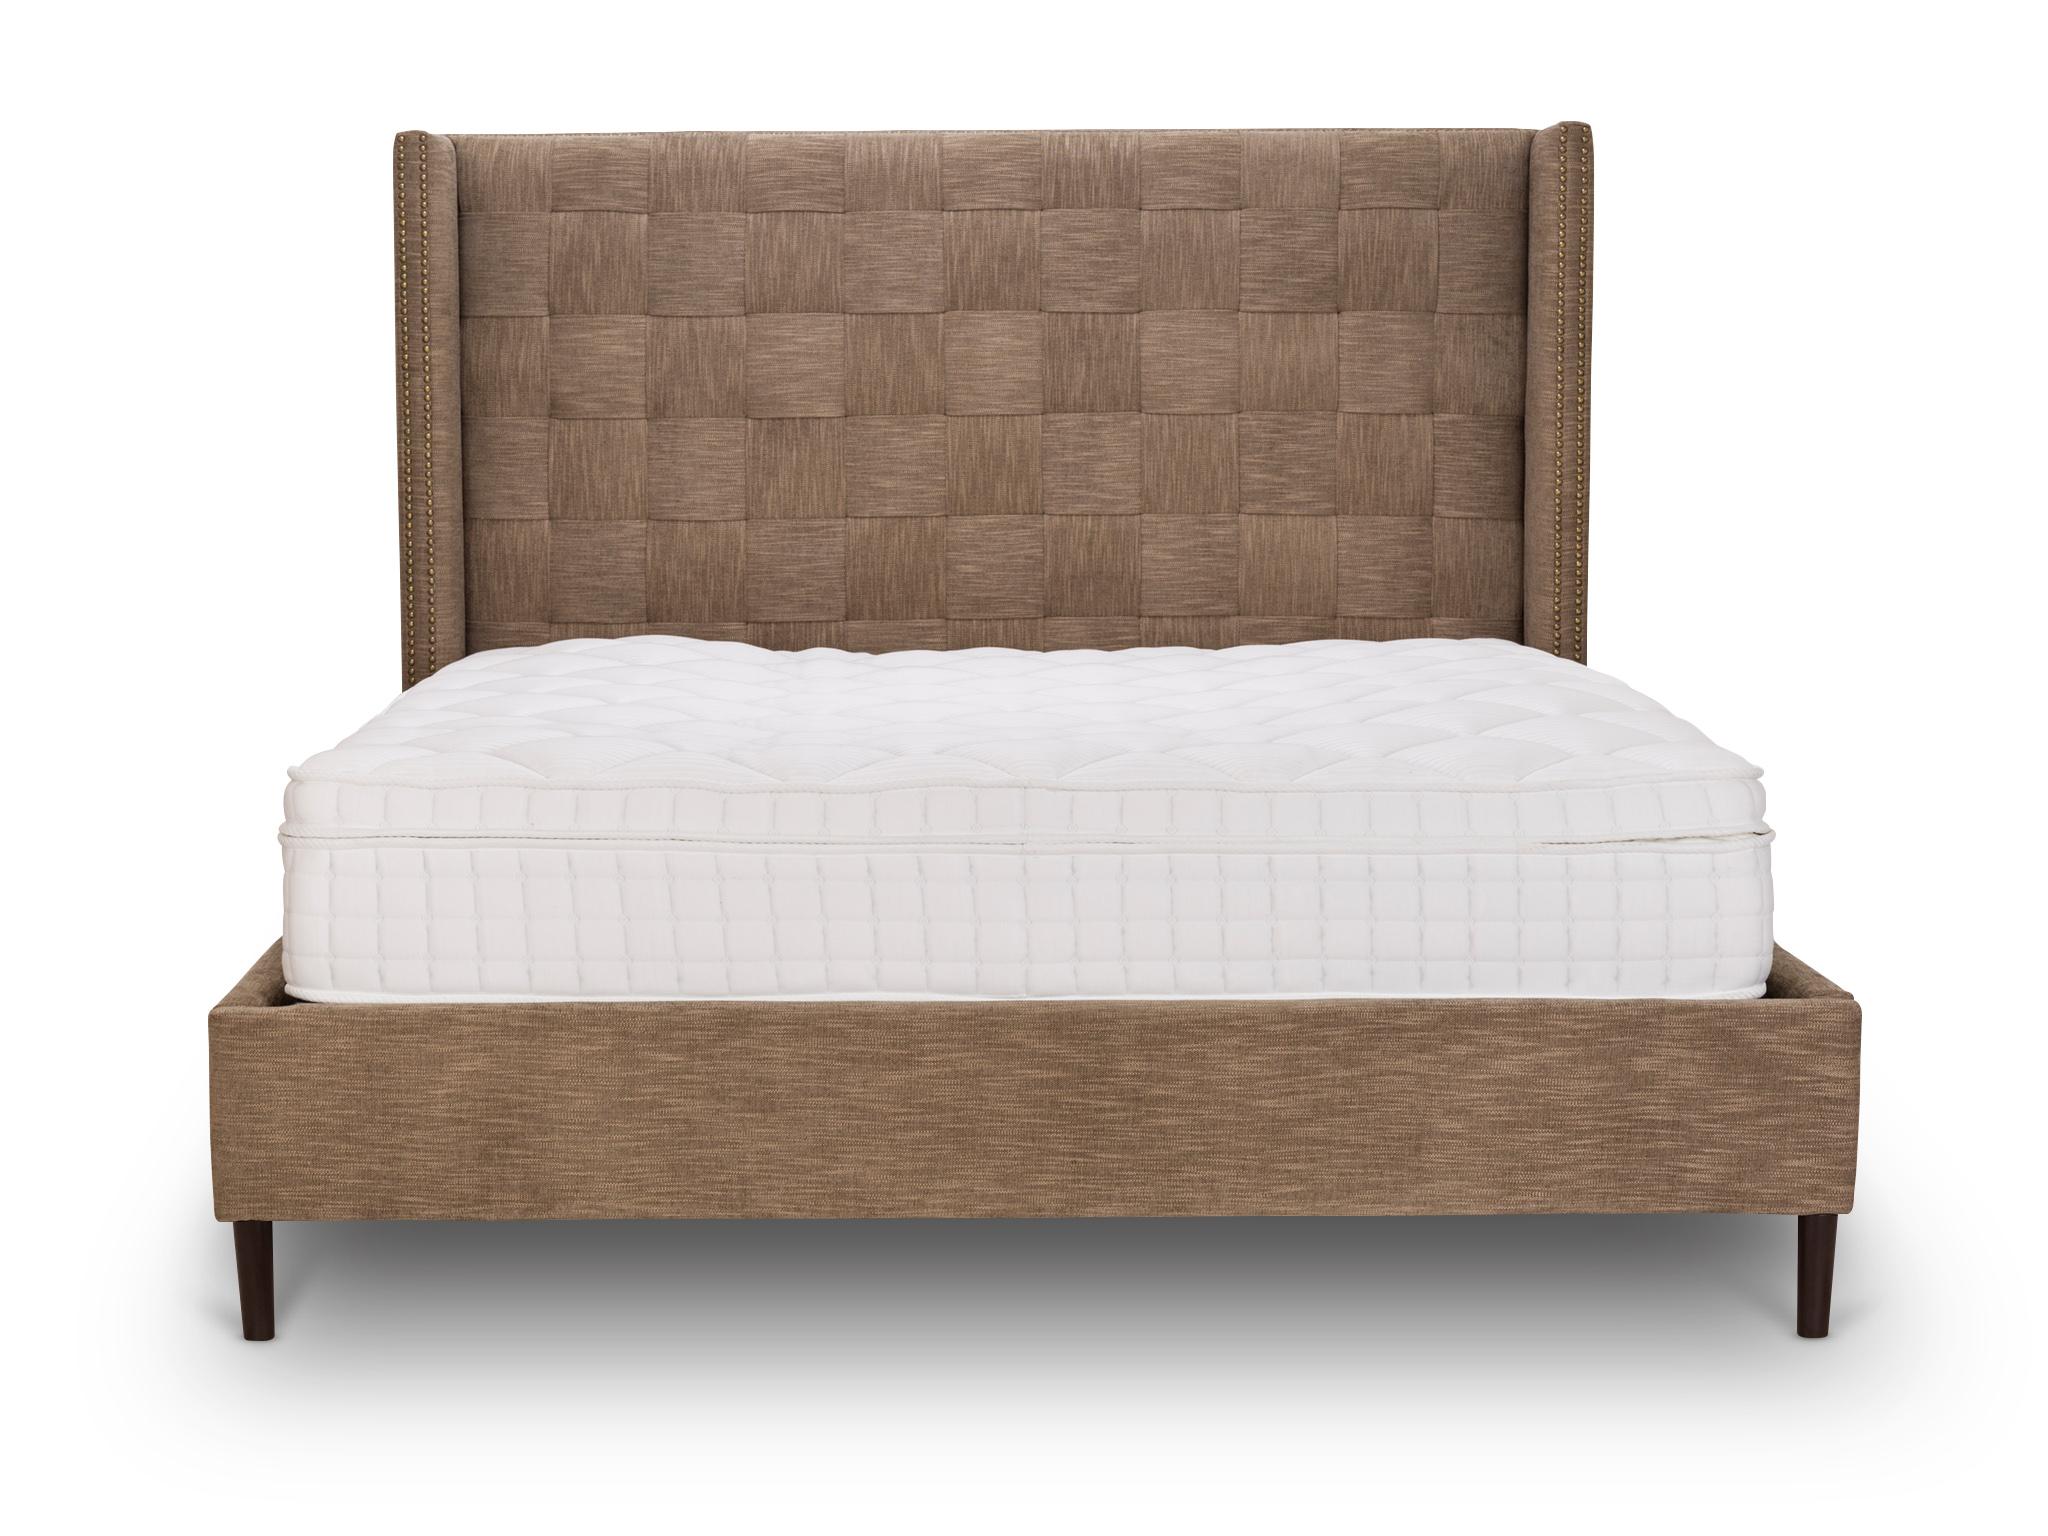 Кровать QuadroКровати с мягким изголовьем<br>Стильная кровать с характером: строгая форма и декорирование изголовья в технике quadro.<br><br>Material: Текстиль<br>Width см: 180<br>Depth см: 200<br>Height см: 160